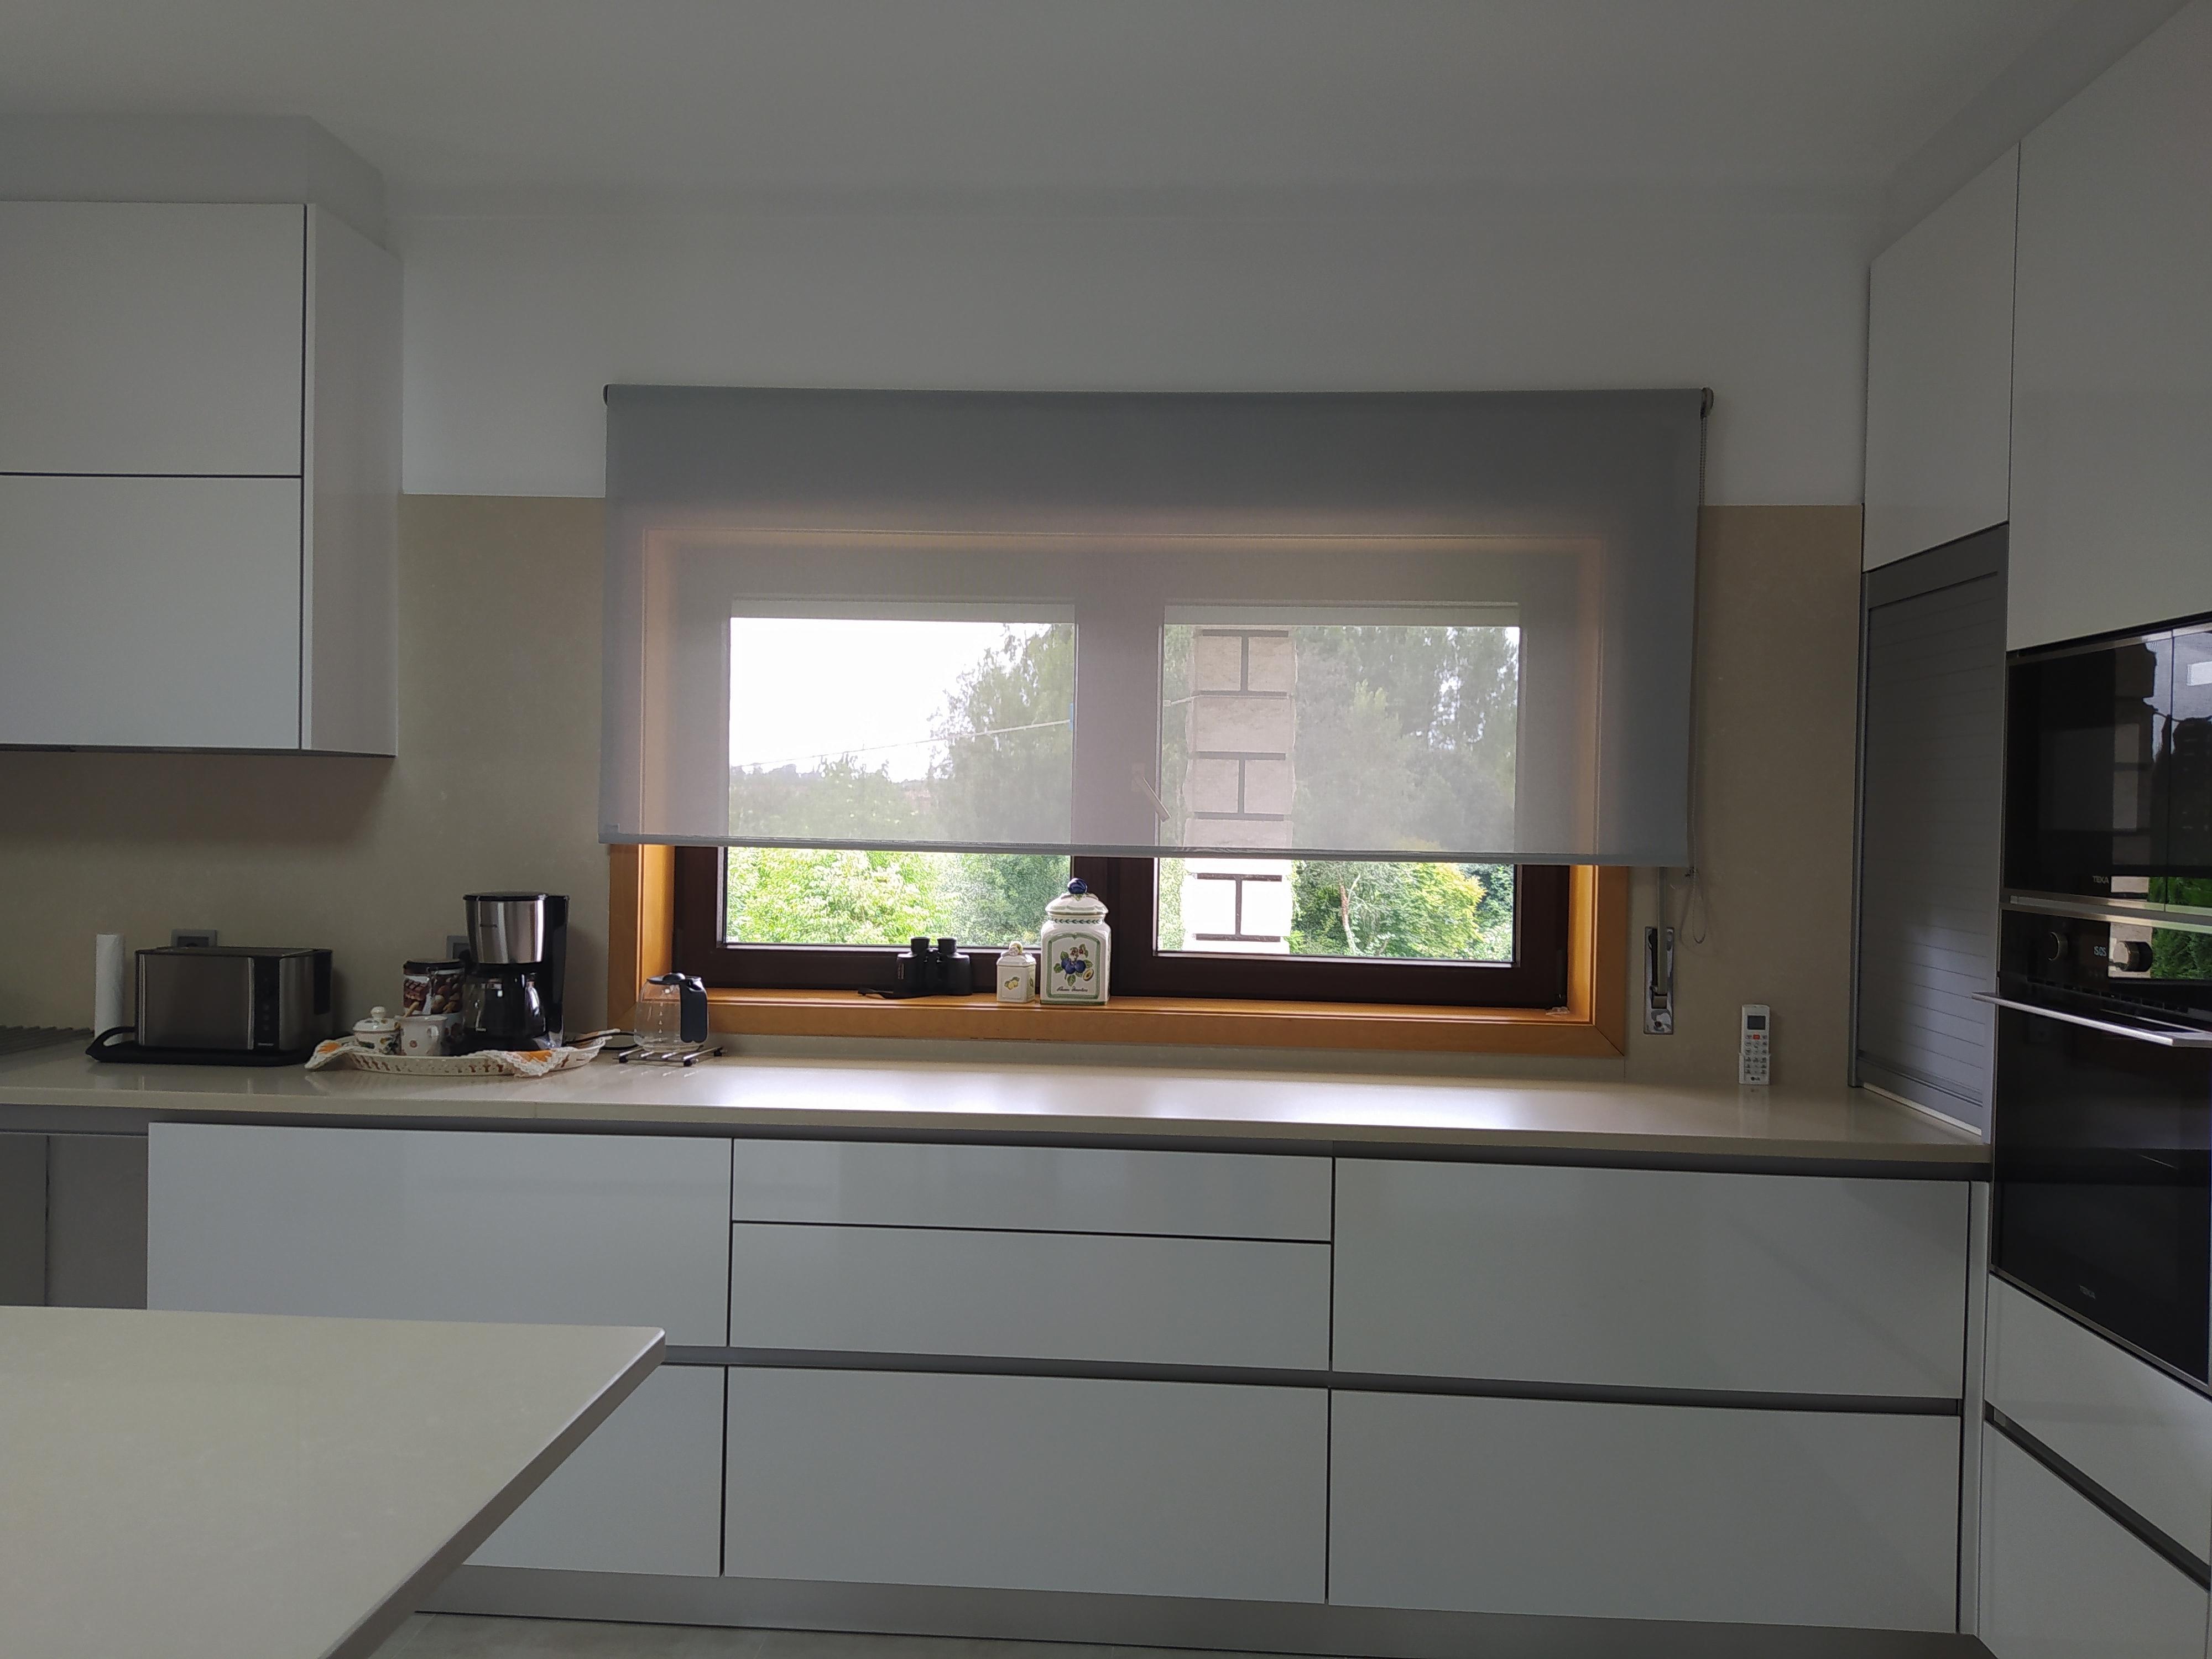 Cozinha em Termolaminado Branco Brilho com puxador de perfil em alumínio